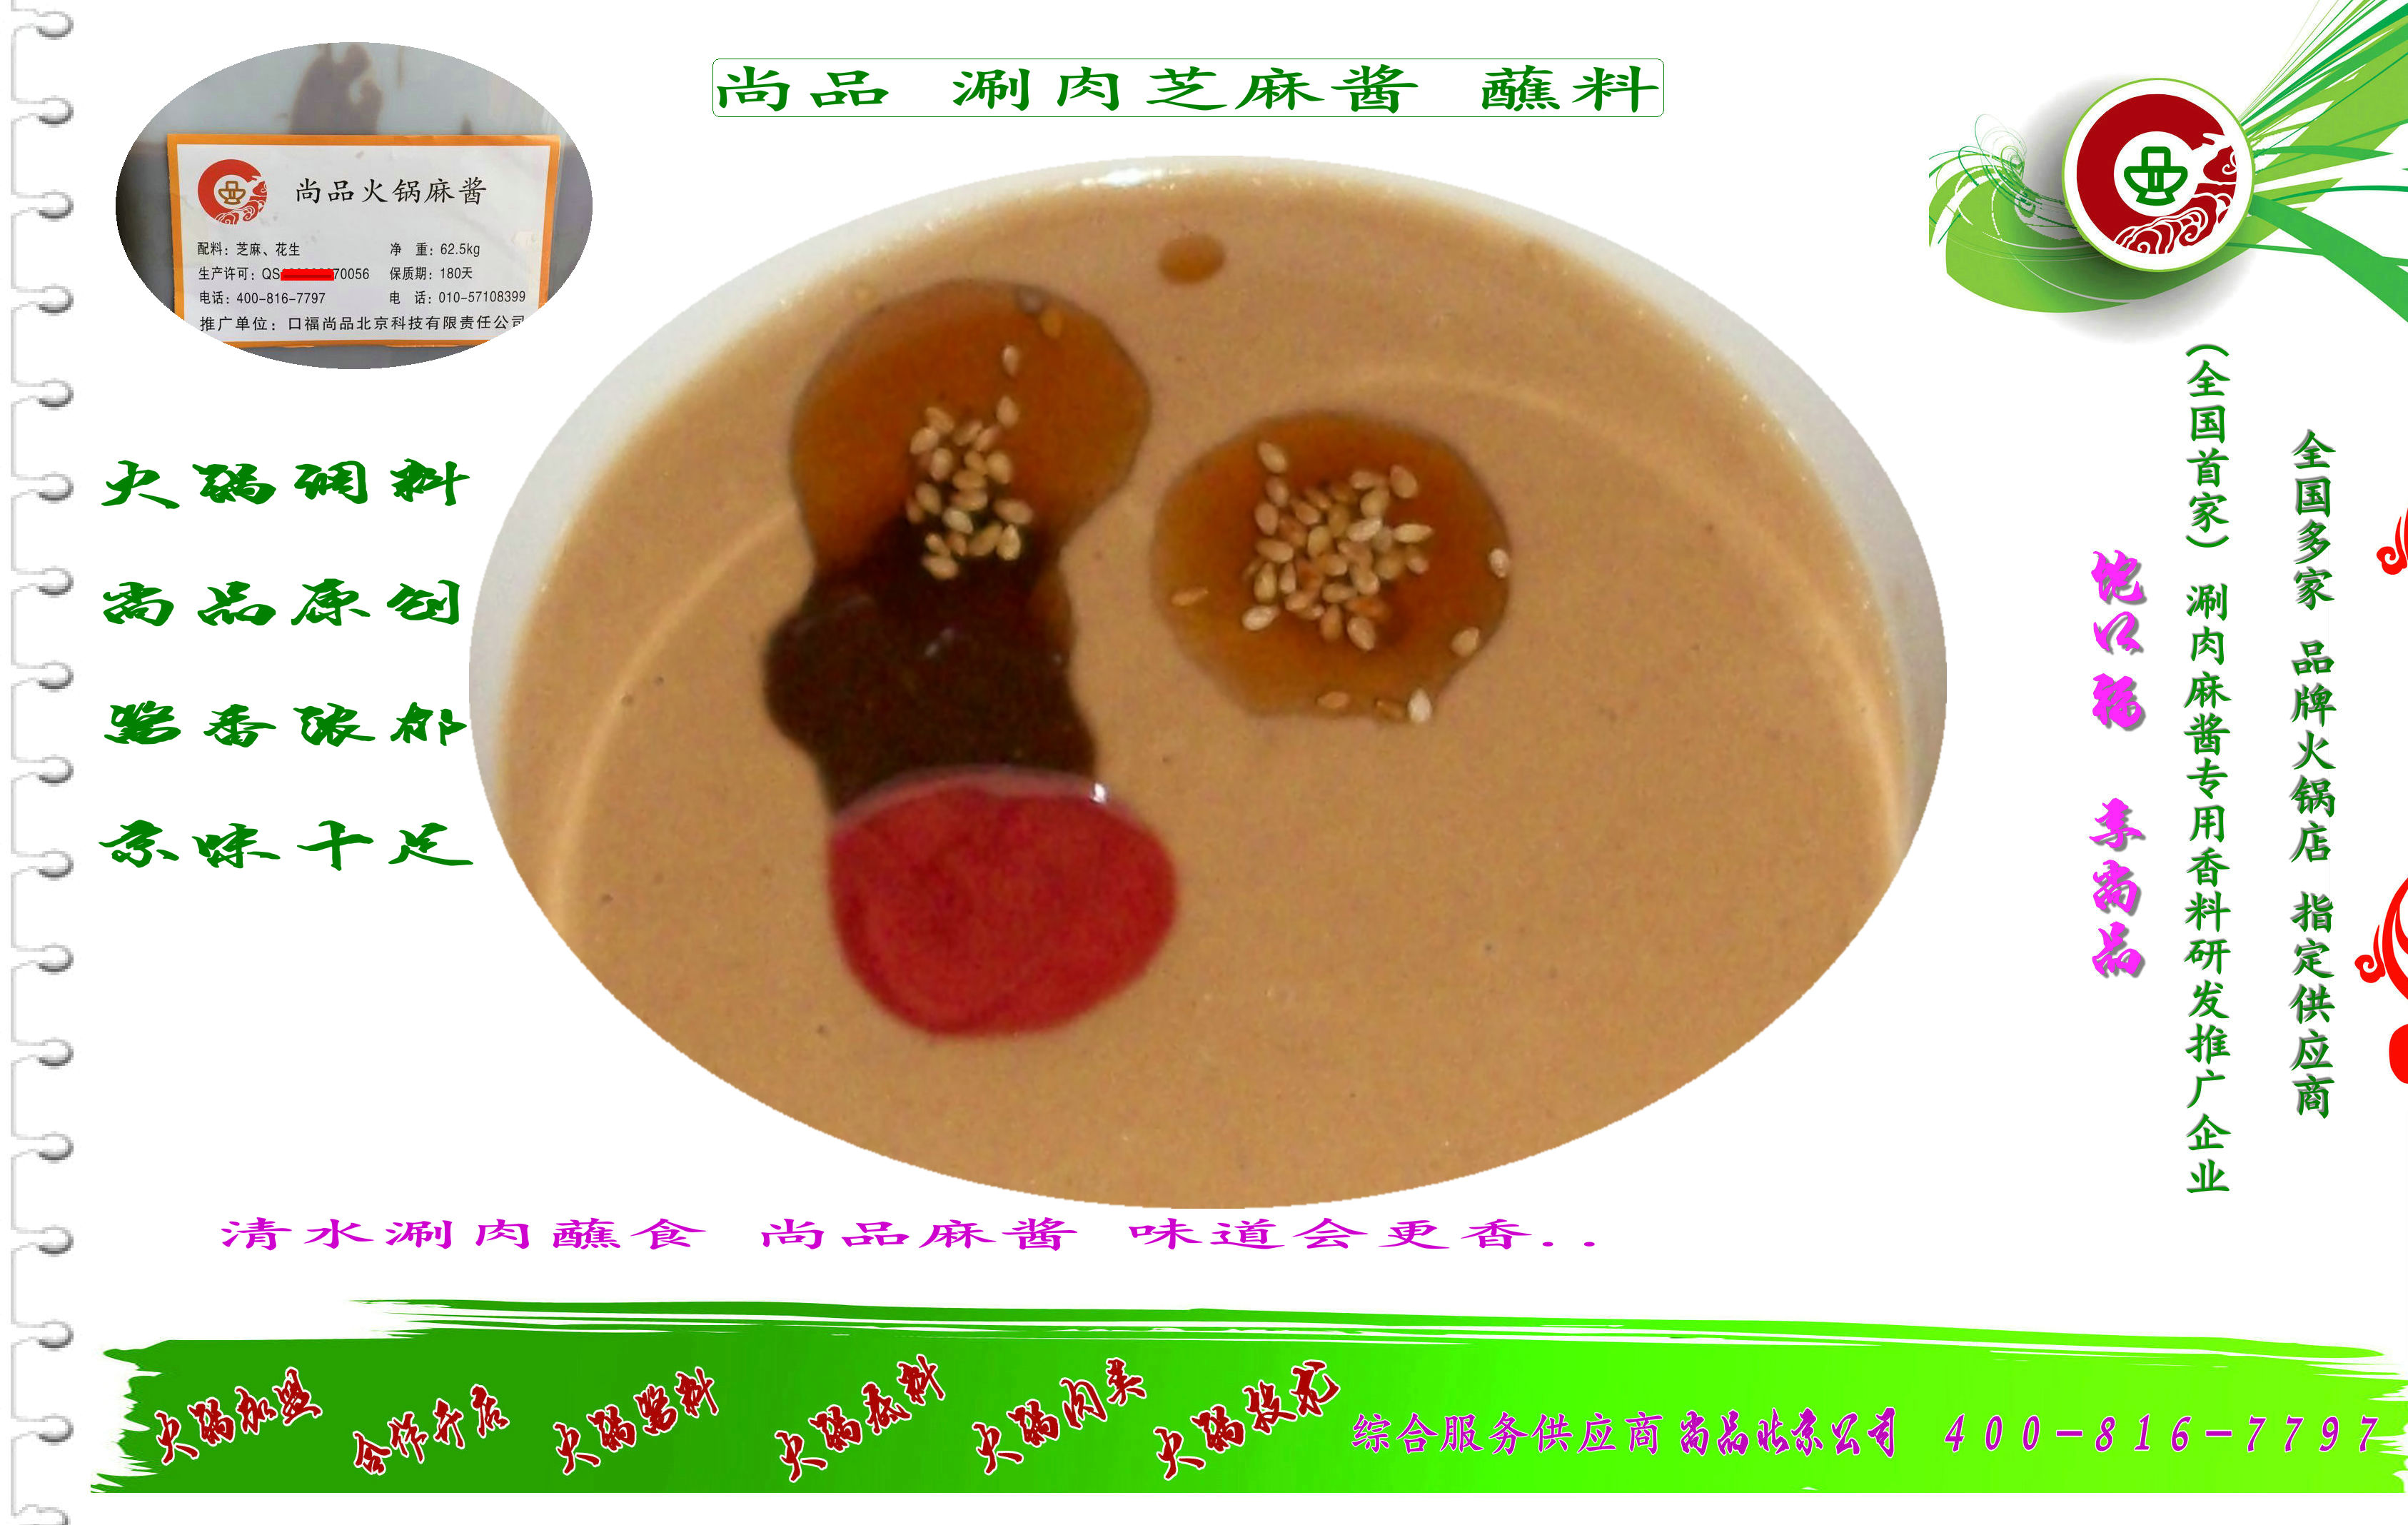 供应涮涮吧麻酱小料涮羊肉芝麻酱 尚品火锅/涮涮吧/麻酱小料 尚品火锅/涮涮吧/麻酱小料